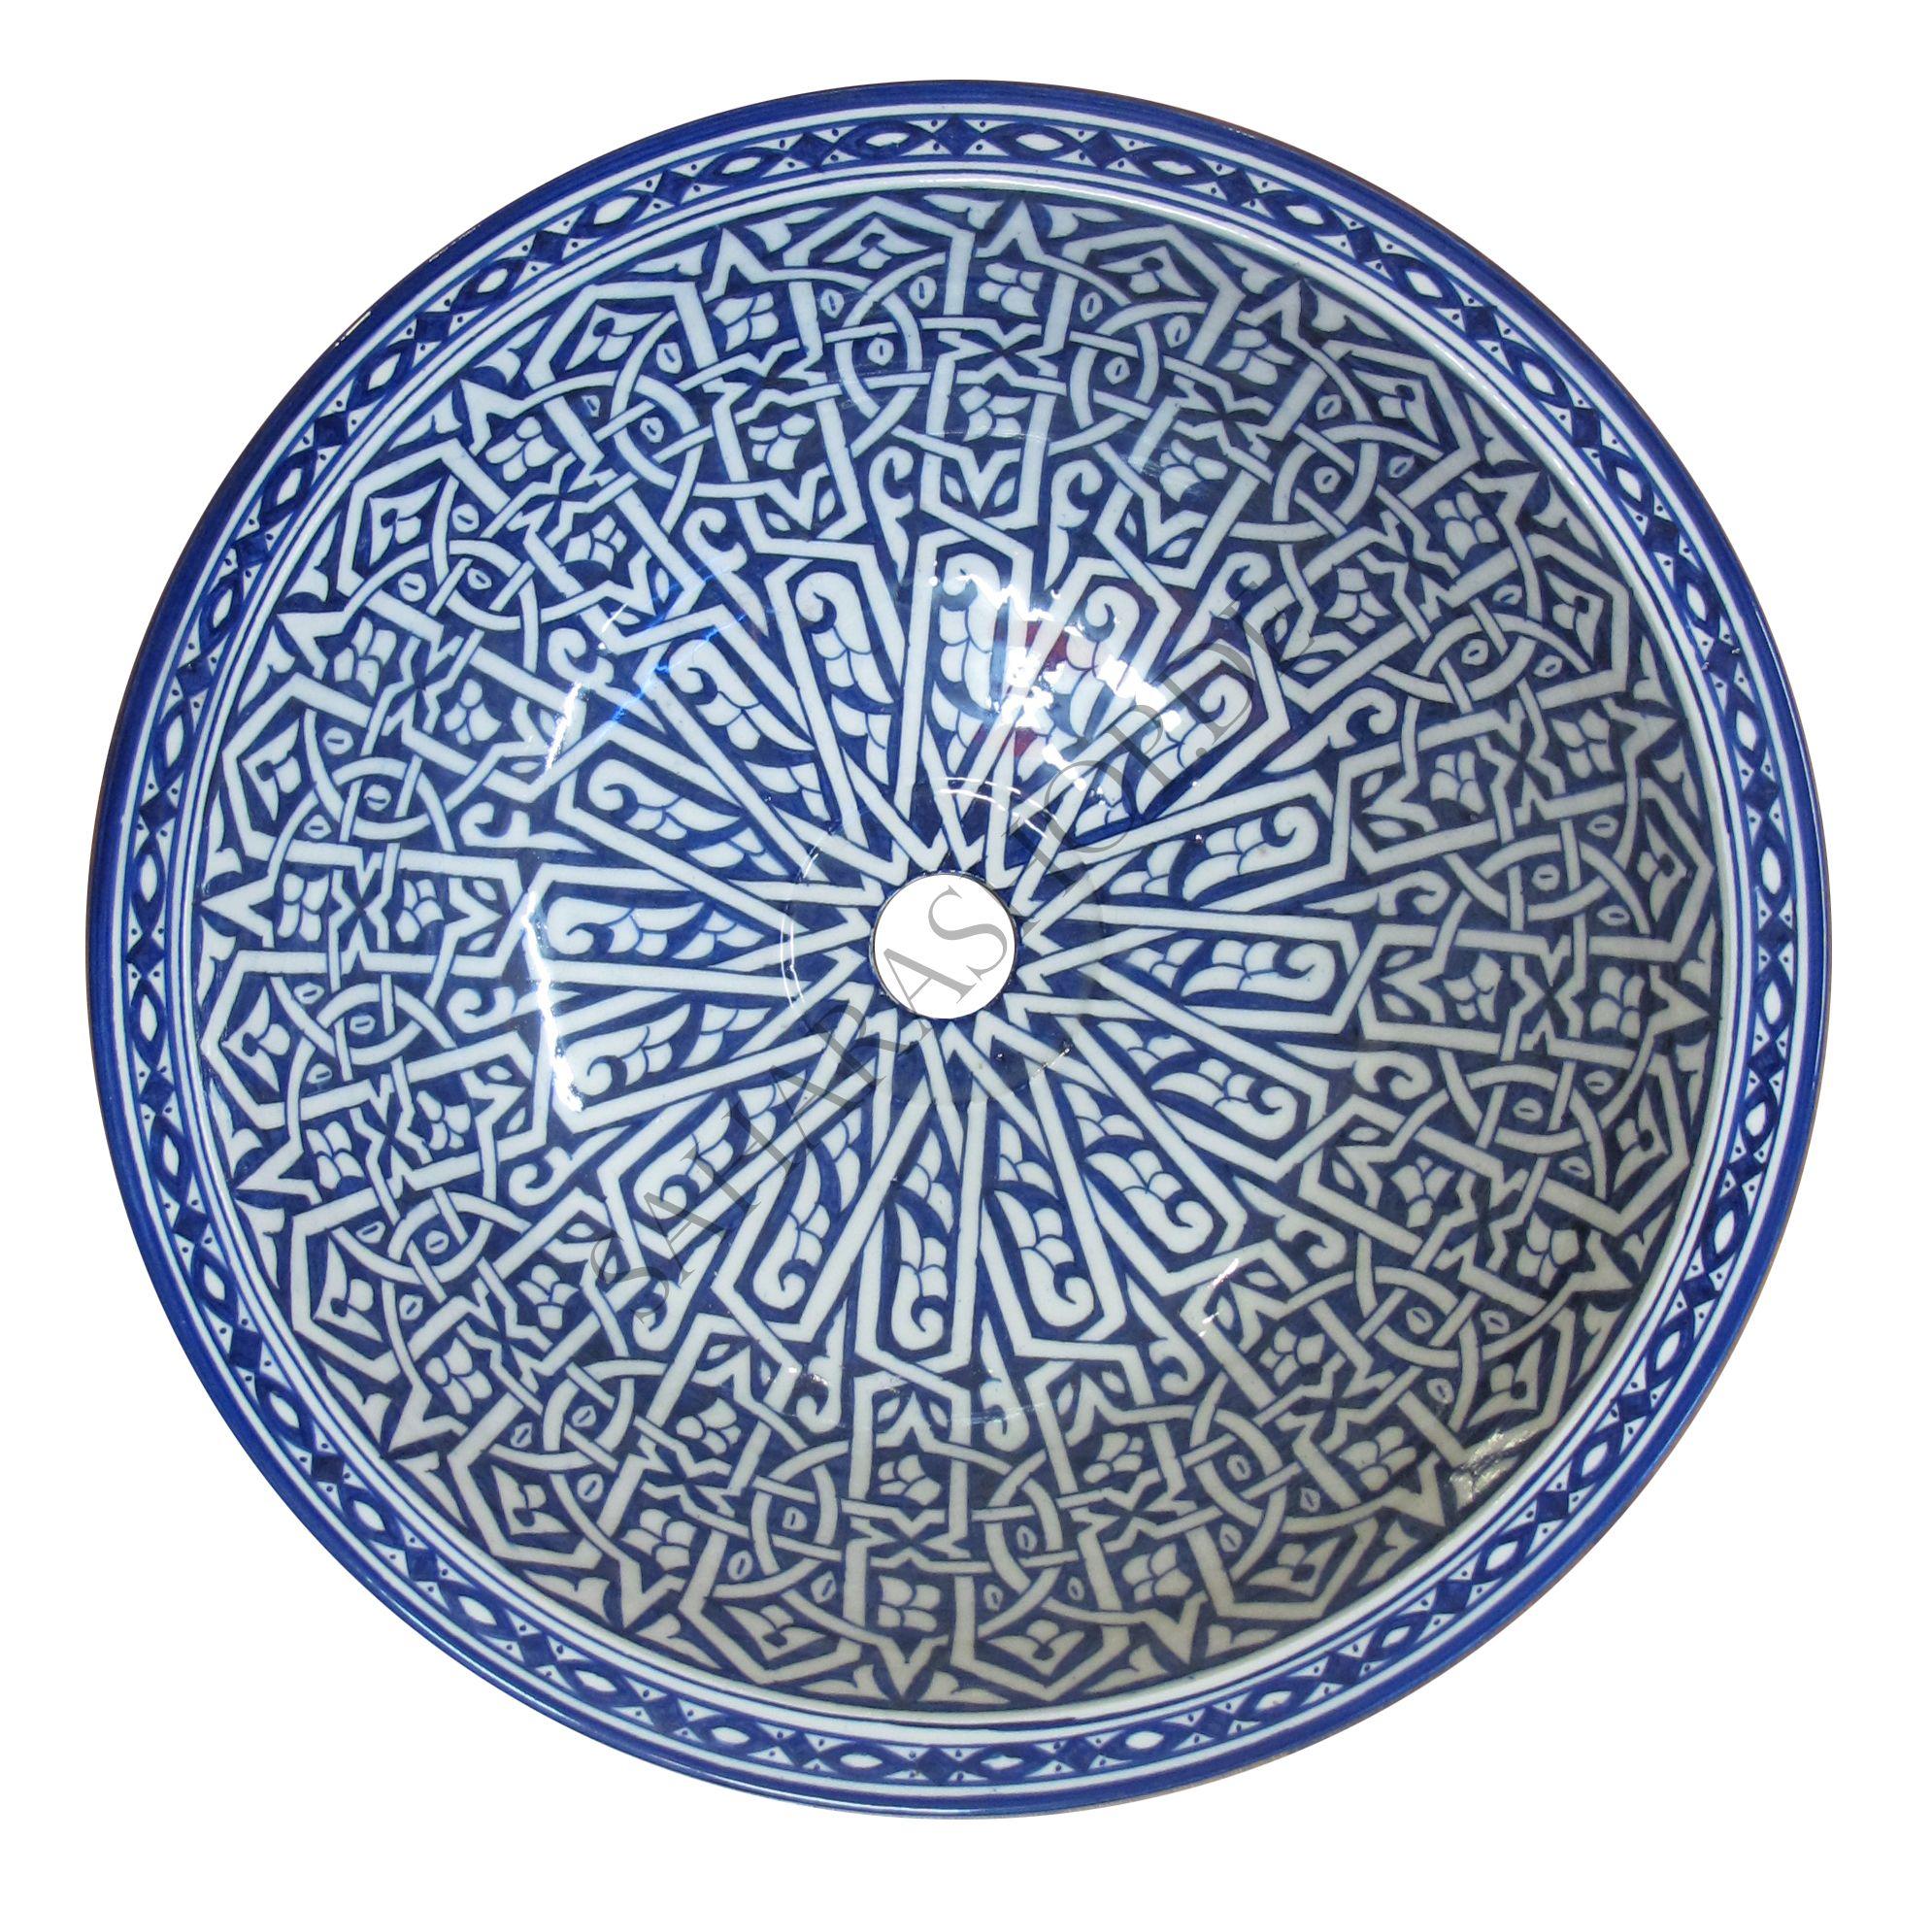 Orientalisches Keramik Waschbecken 4 Mittel Sweet Home